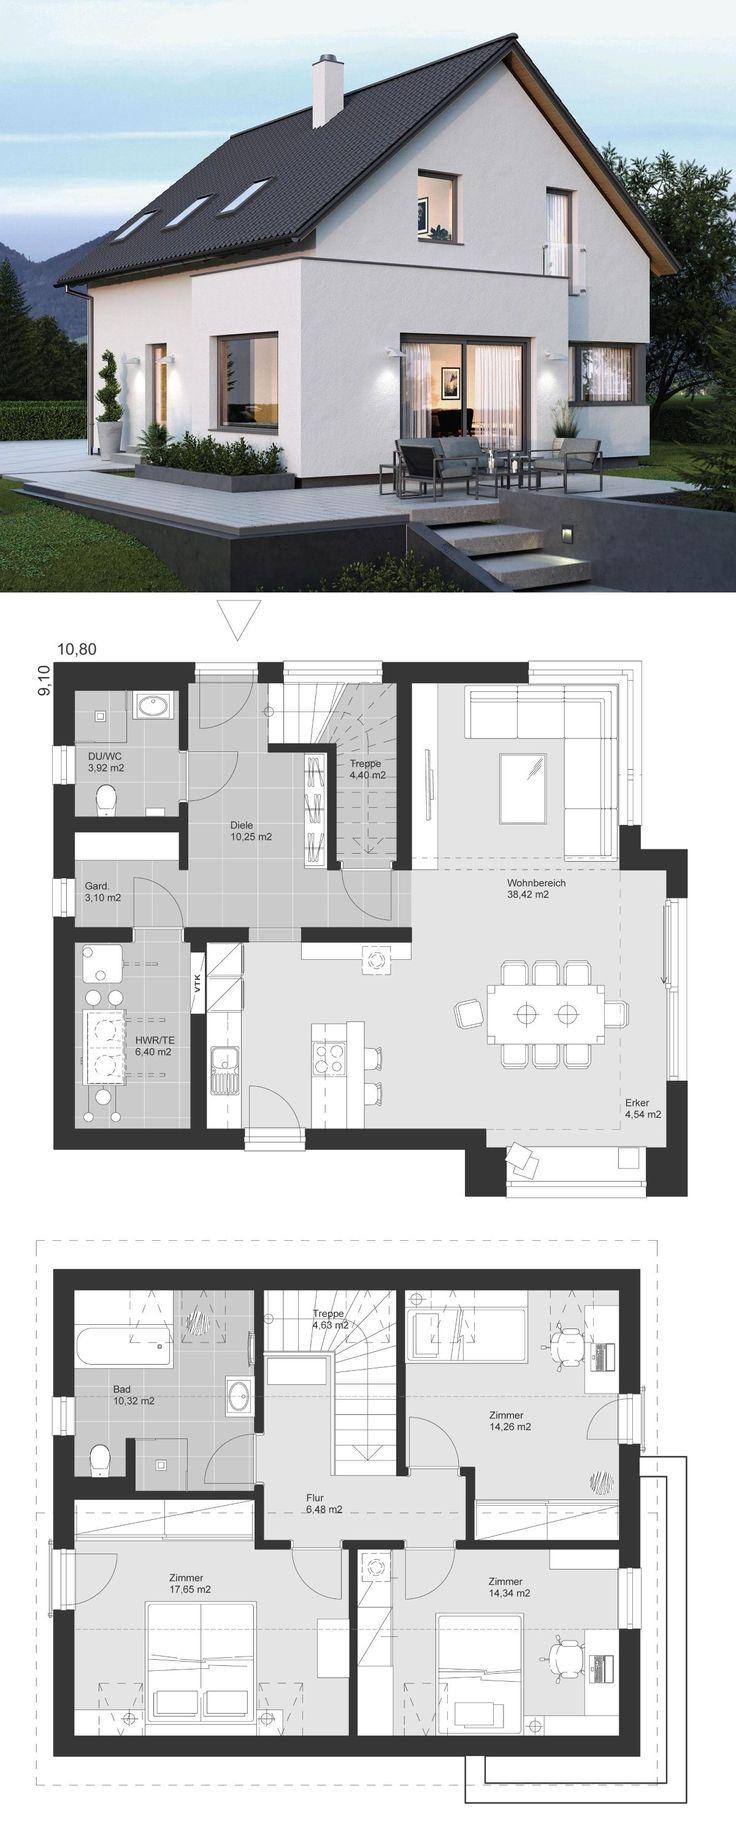 Modernes Haus mit Erker Anbau & Satteldach Architektur - Haus bauen Ideen Grundriss ELK Haus 135 von ELK Fertighaus - HausbauDirekt.de